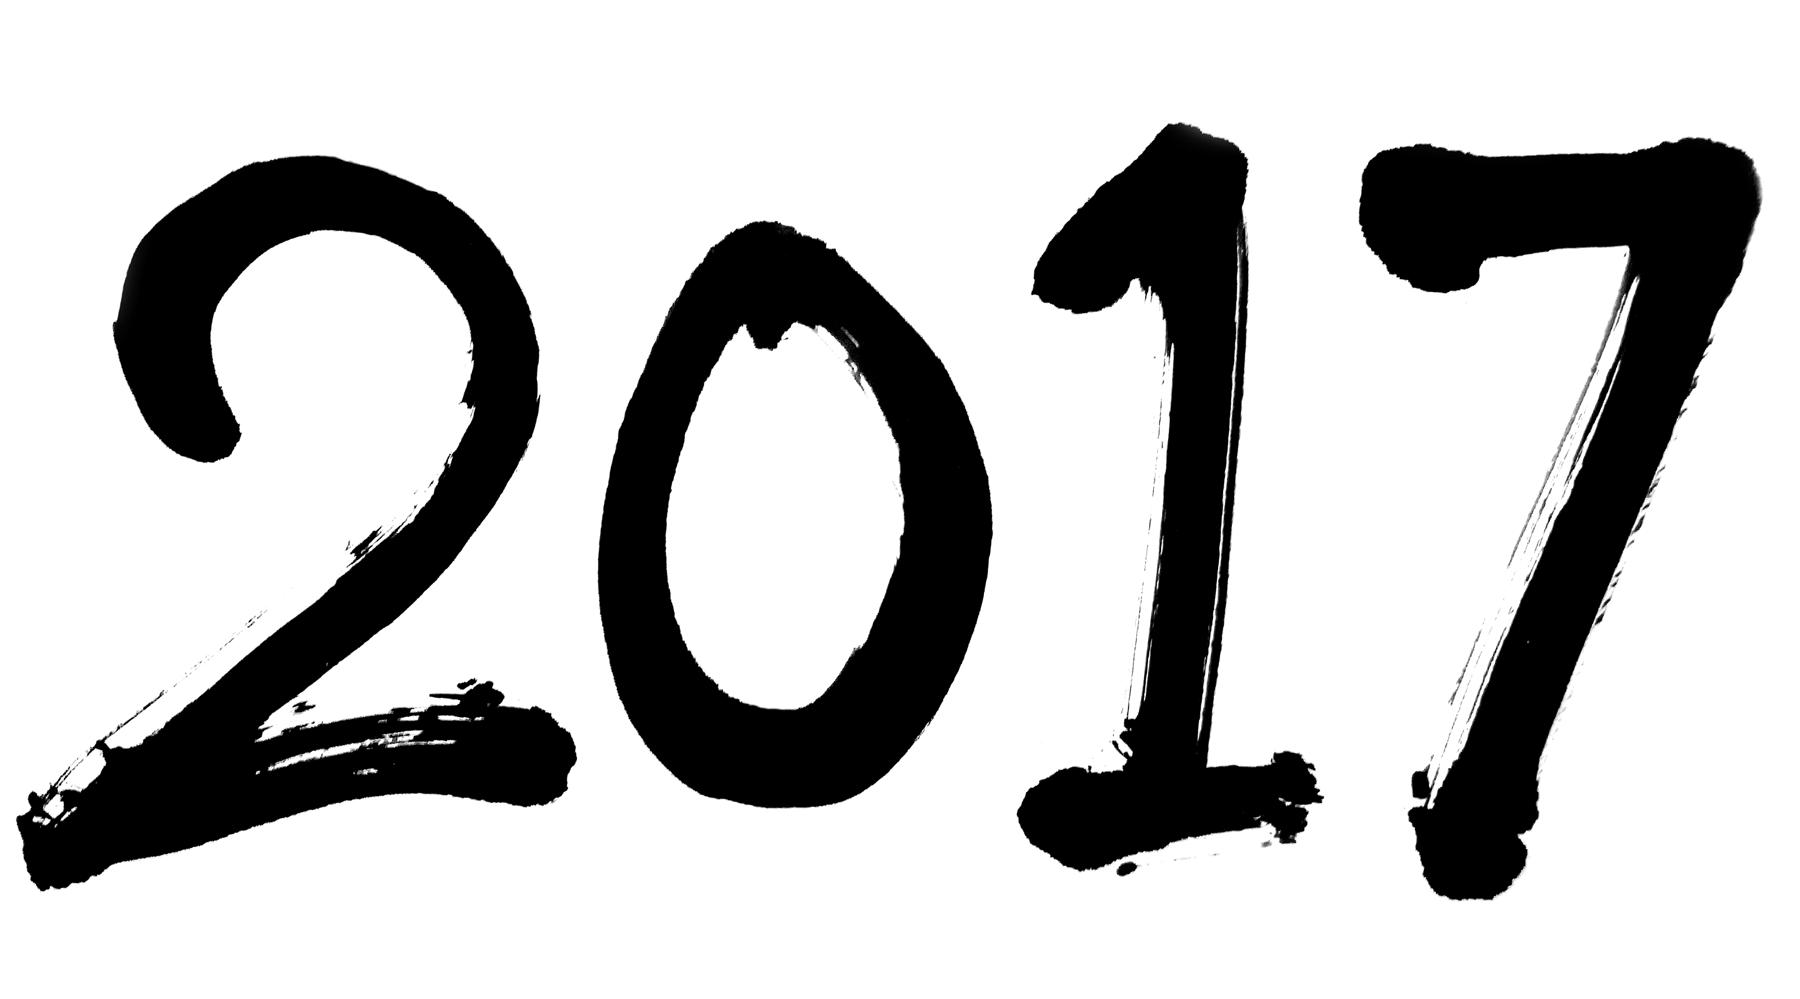 2017墨手書き文字イラスト | 無料イラスト配布サイトマンガトップ